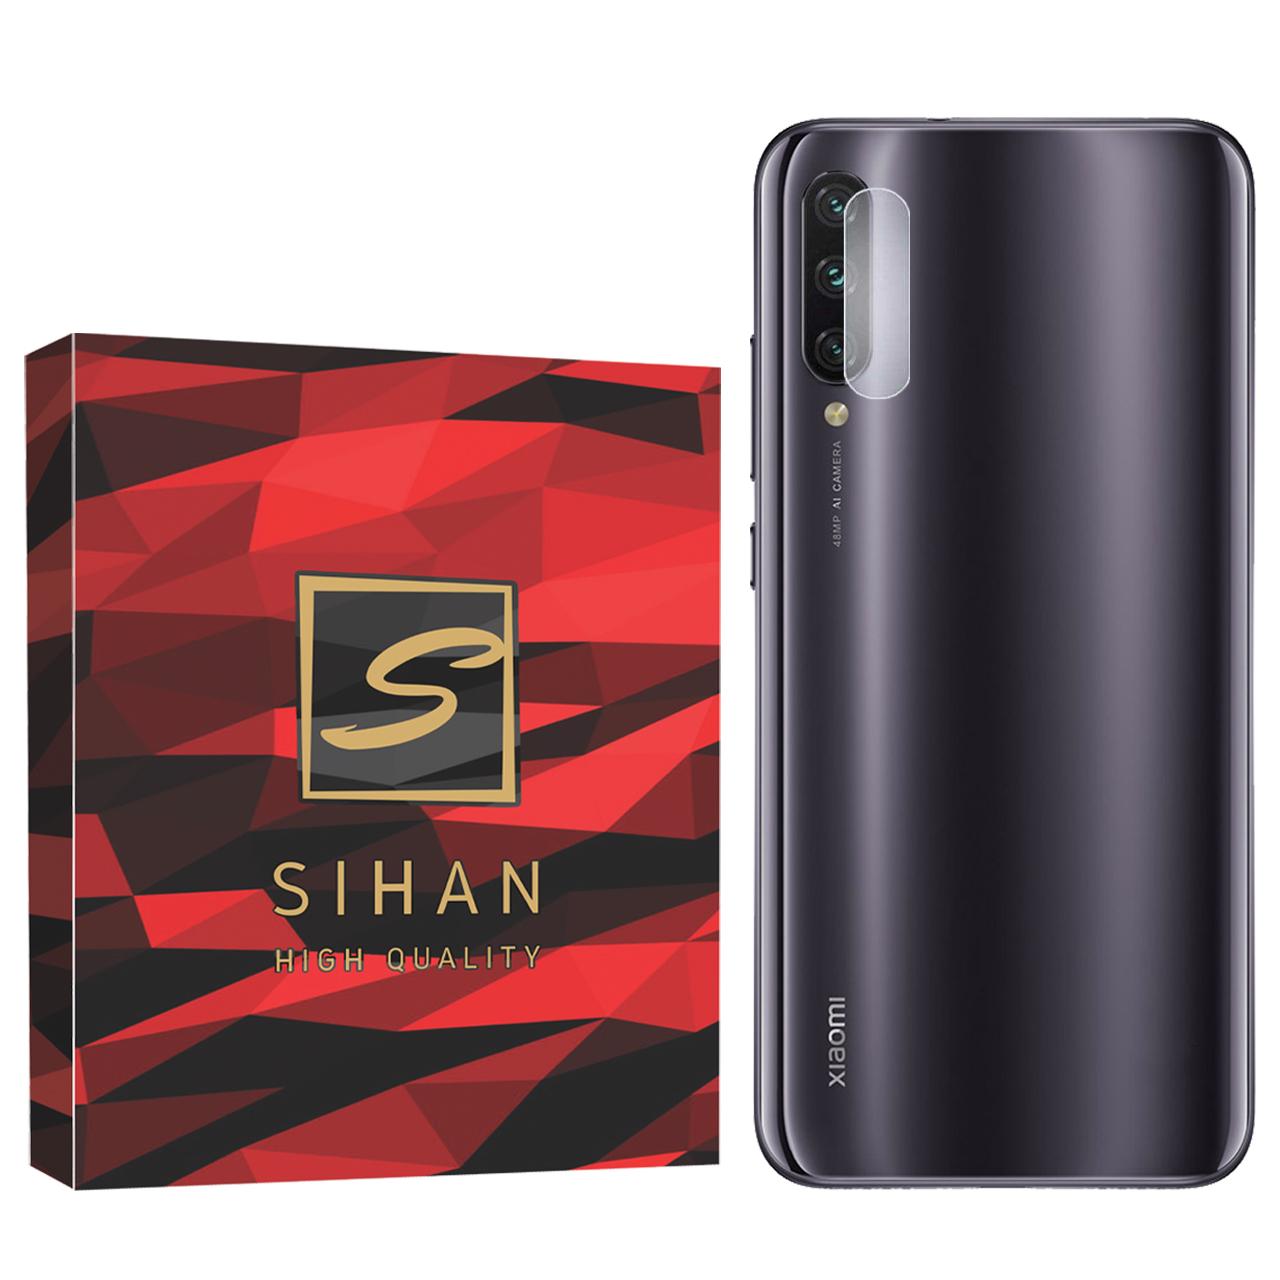 محافظ لنز دوربین سیحان مدل GLP مناسب برای گوشی موبایل شیائومی mi A3              ( قیمت و خرید)